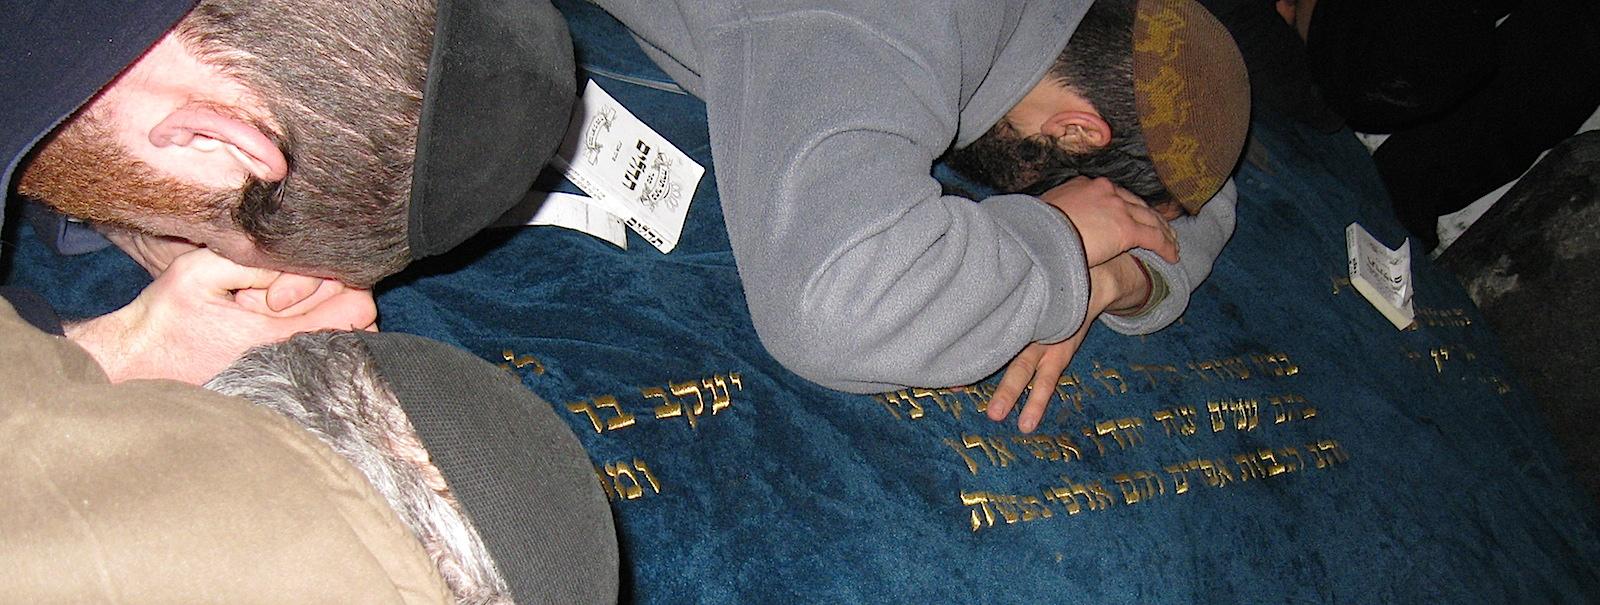 Плач иудеев на гробе Иосифа